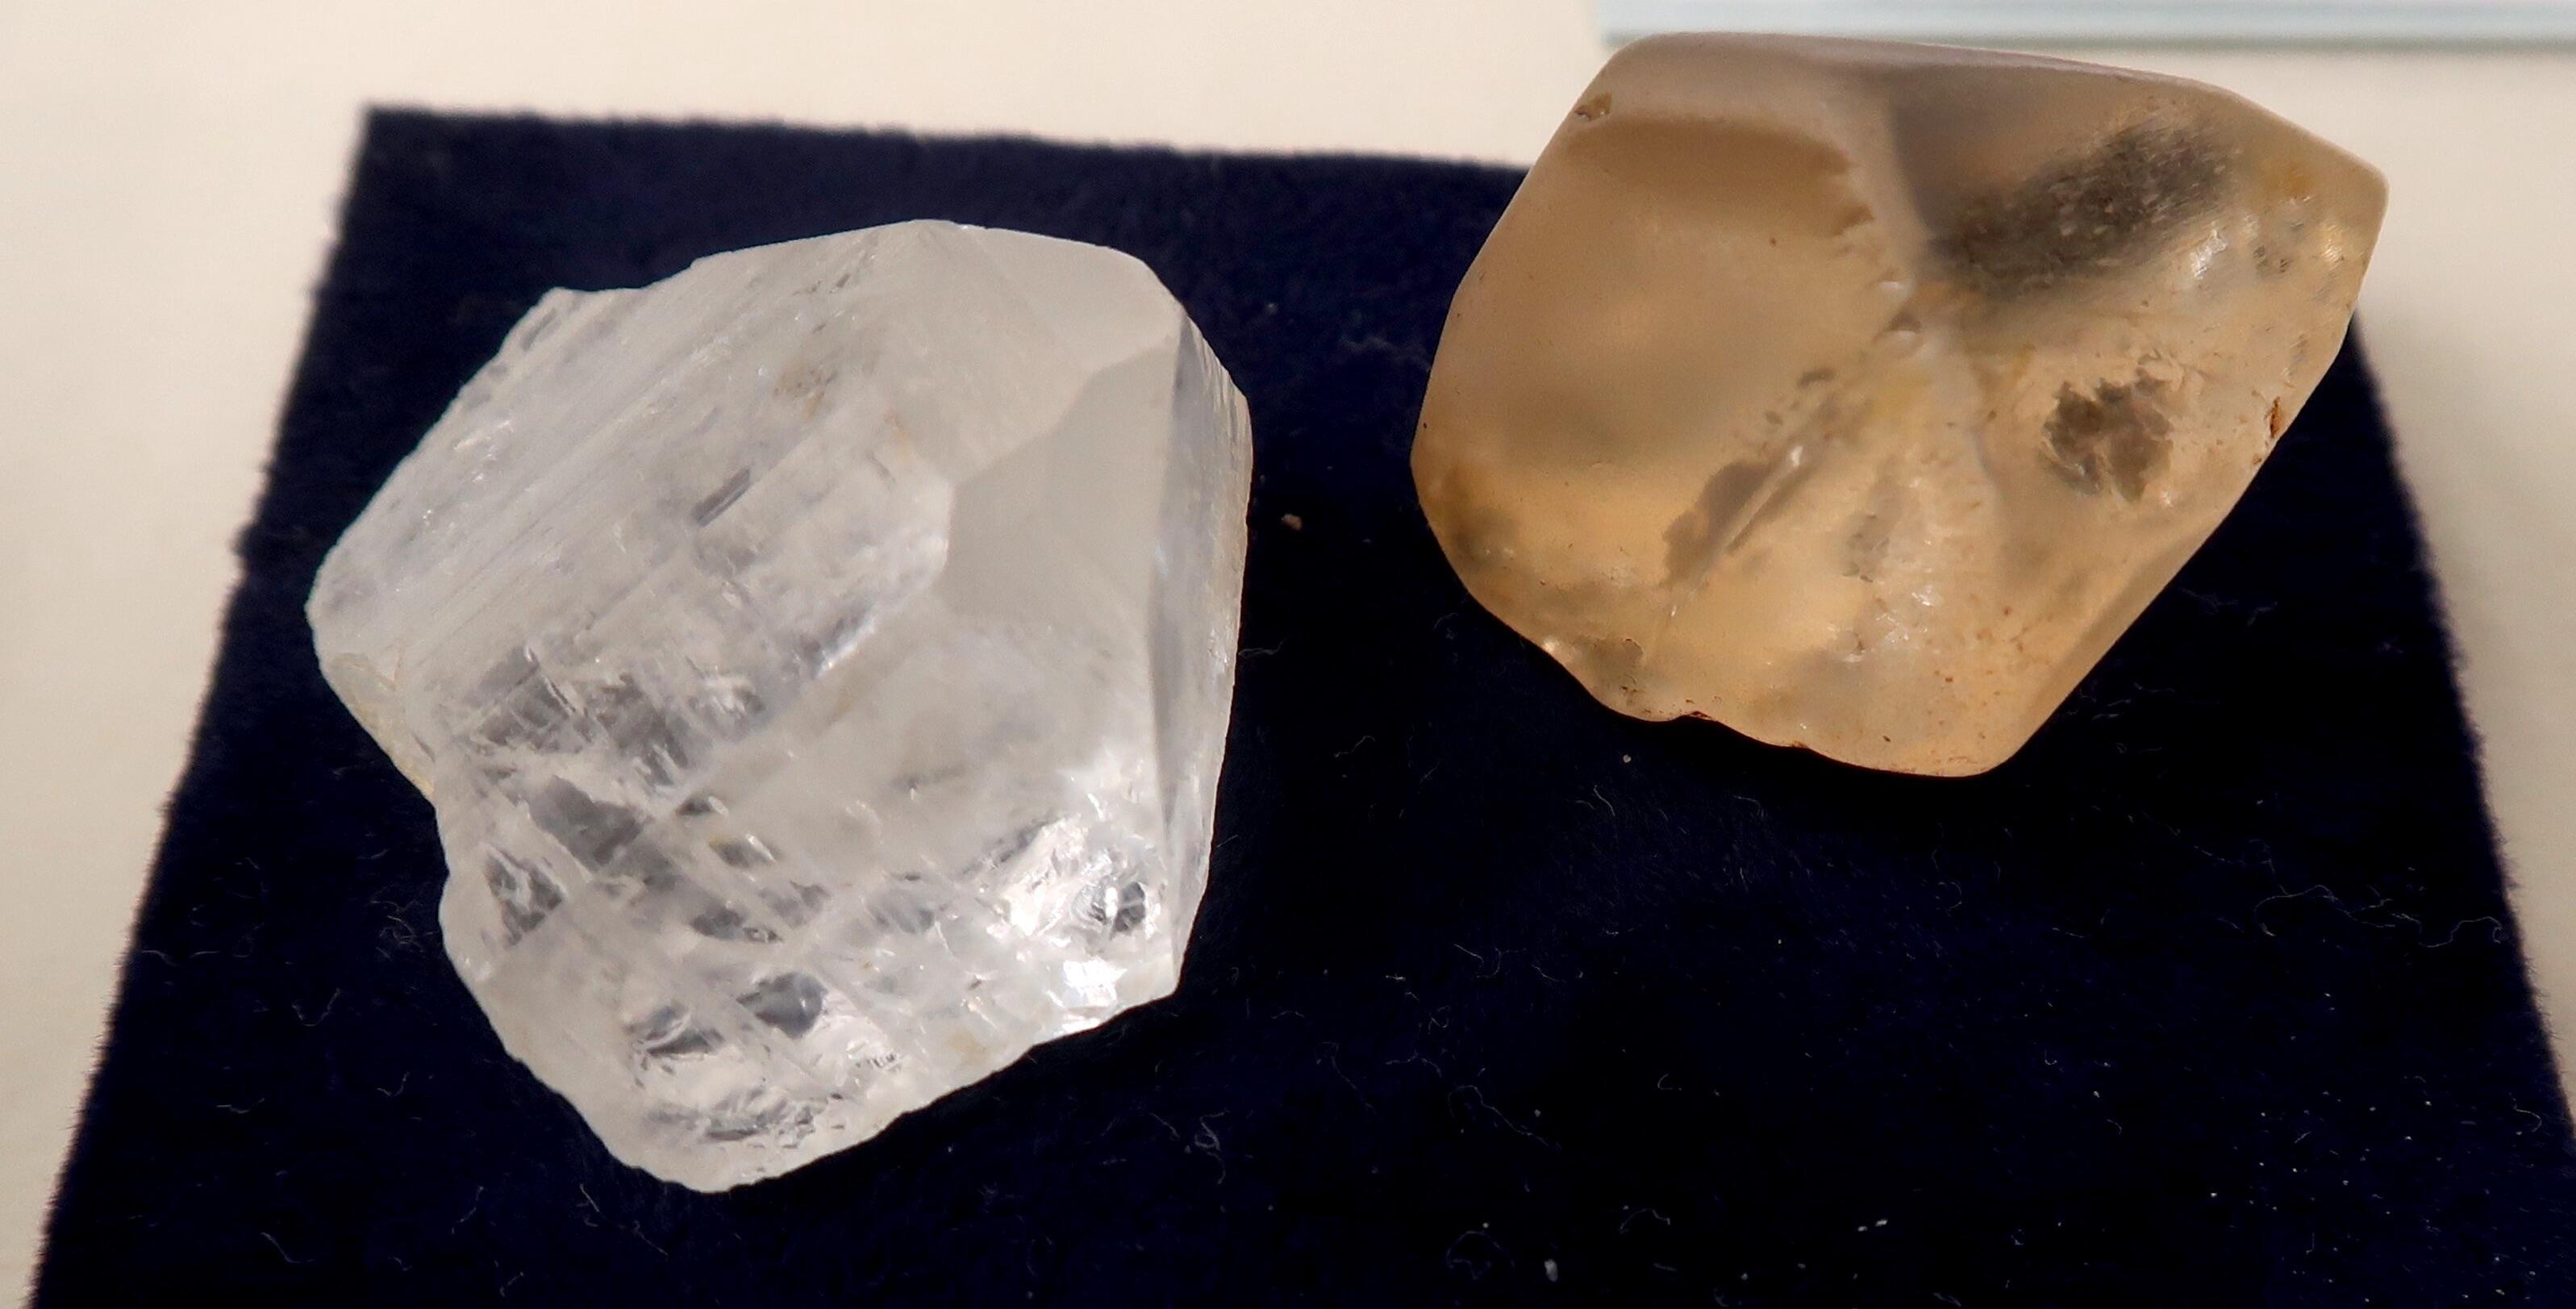 地域の人びとによる展示「元彦根藩士 杉村次郎 金石の旅 - 近代鉱業家・鉱物 研究家の魁 -」